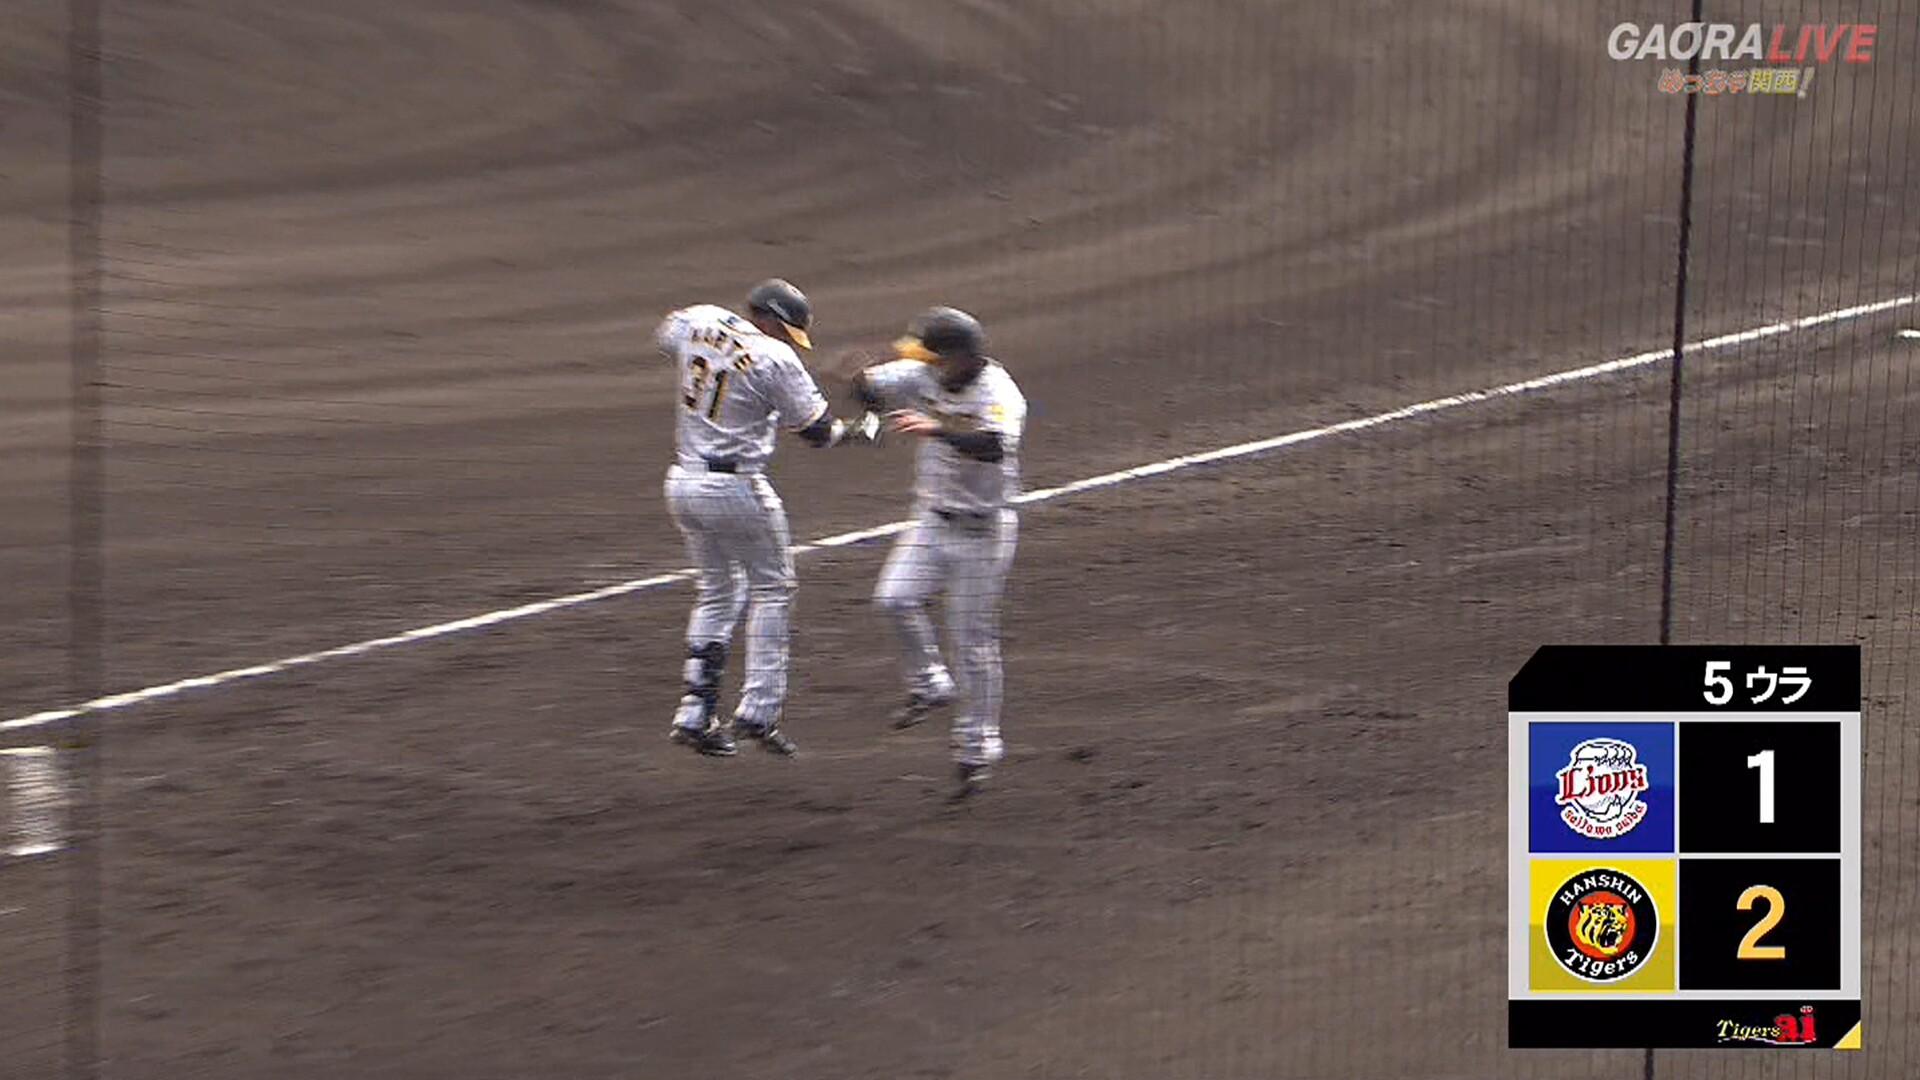 阪神、ソロホームラン2発で逆転! オープン戦ホームラン出すぎやろwwwww